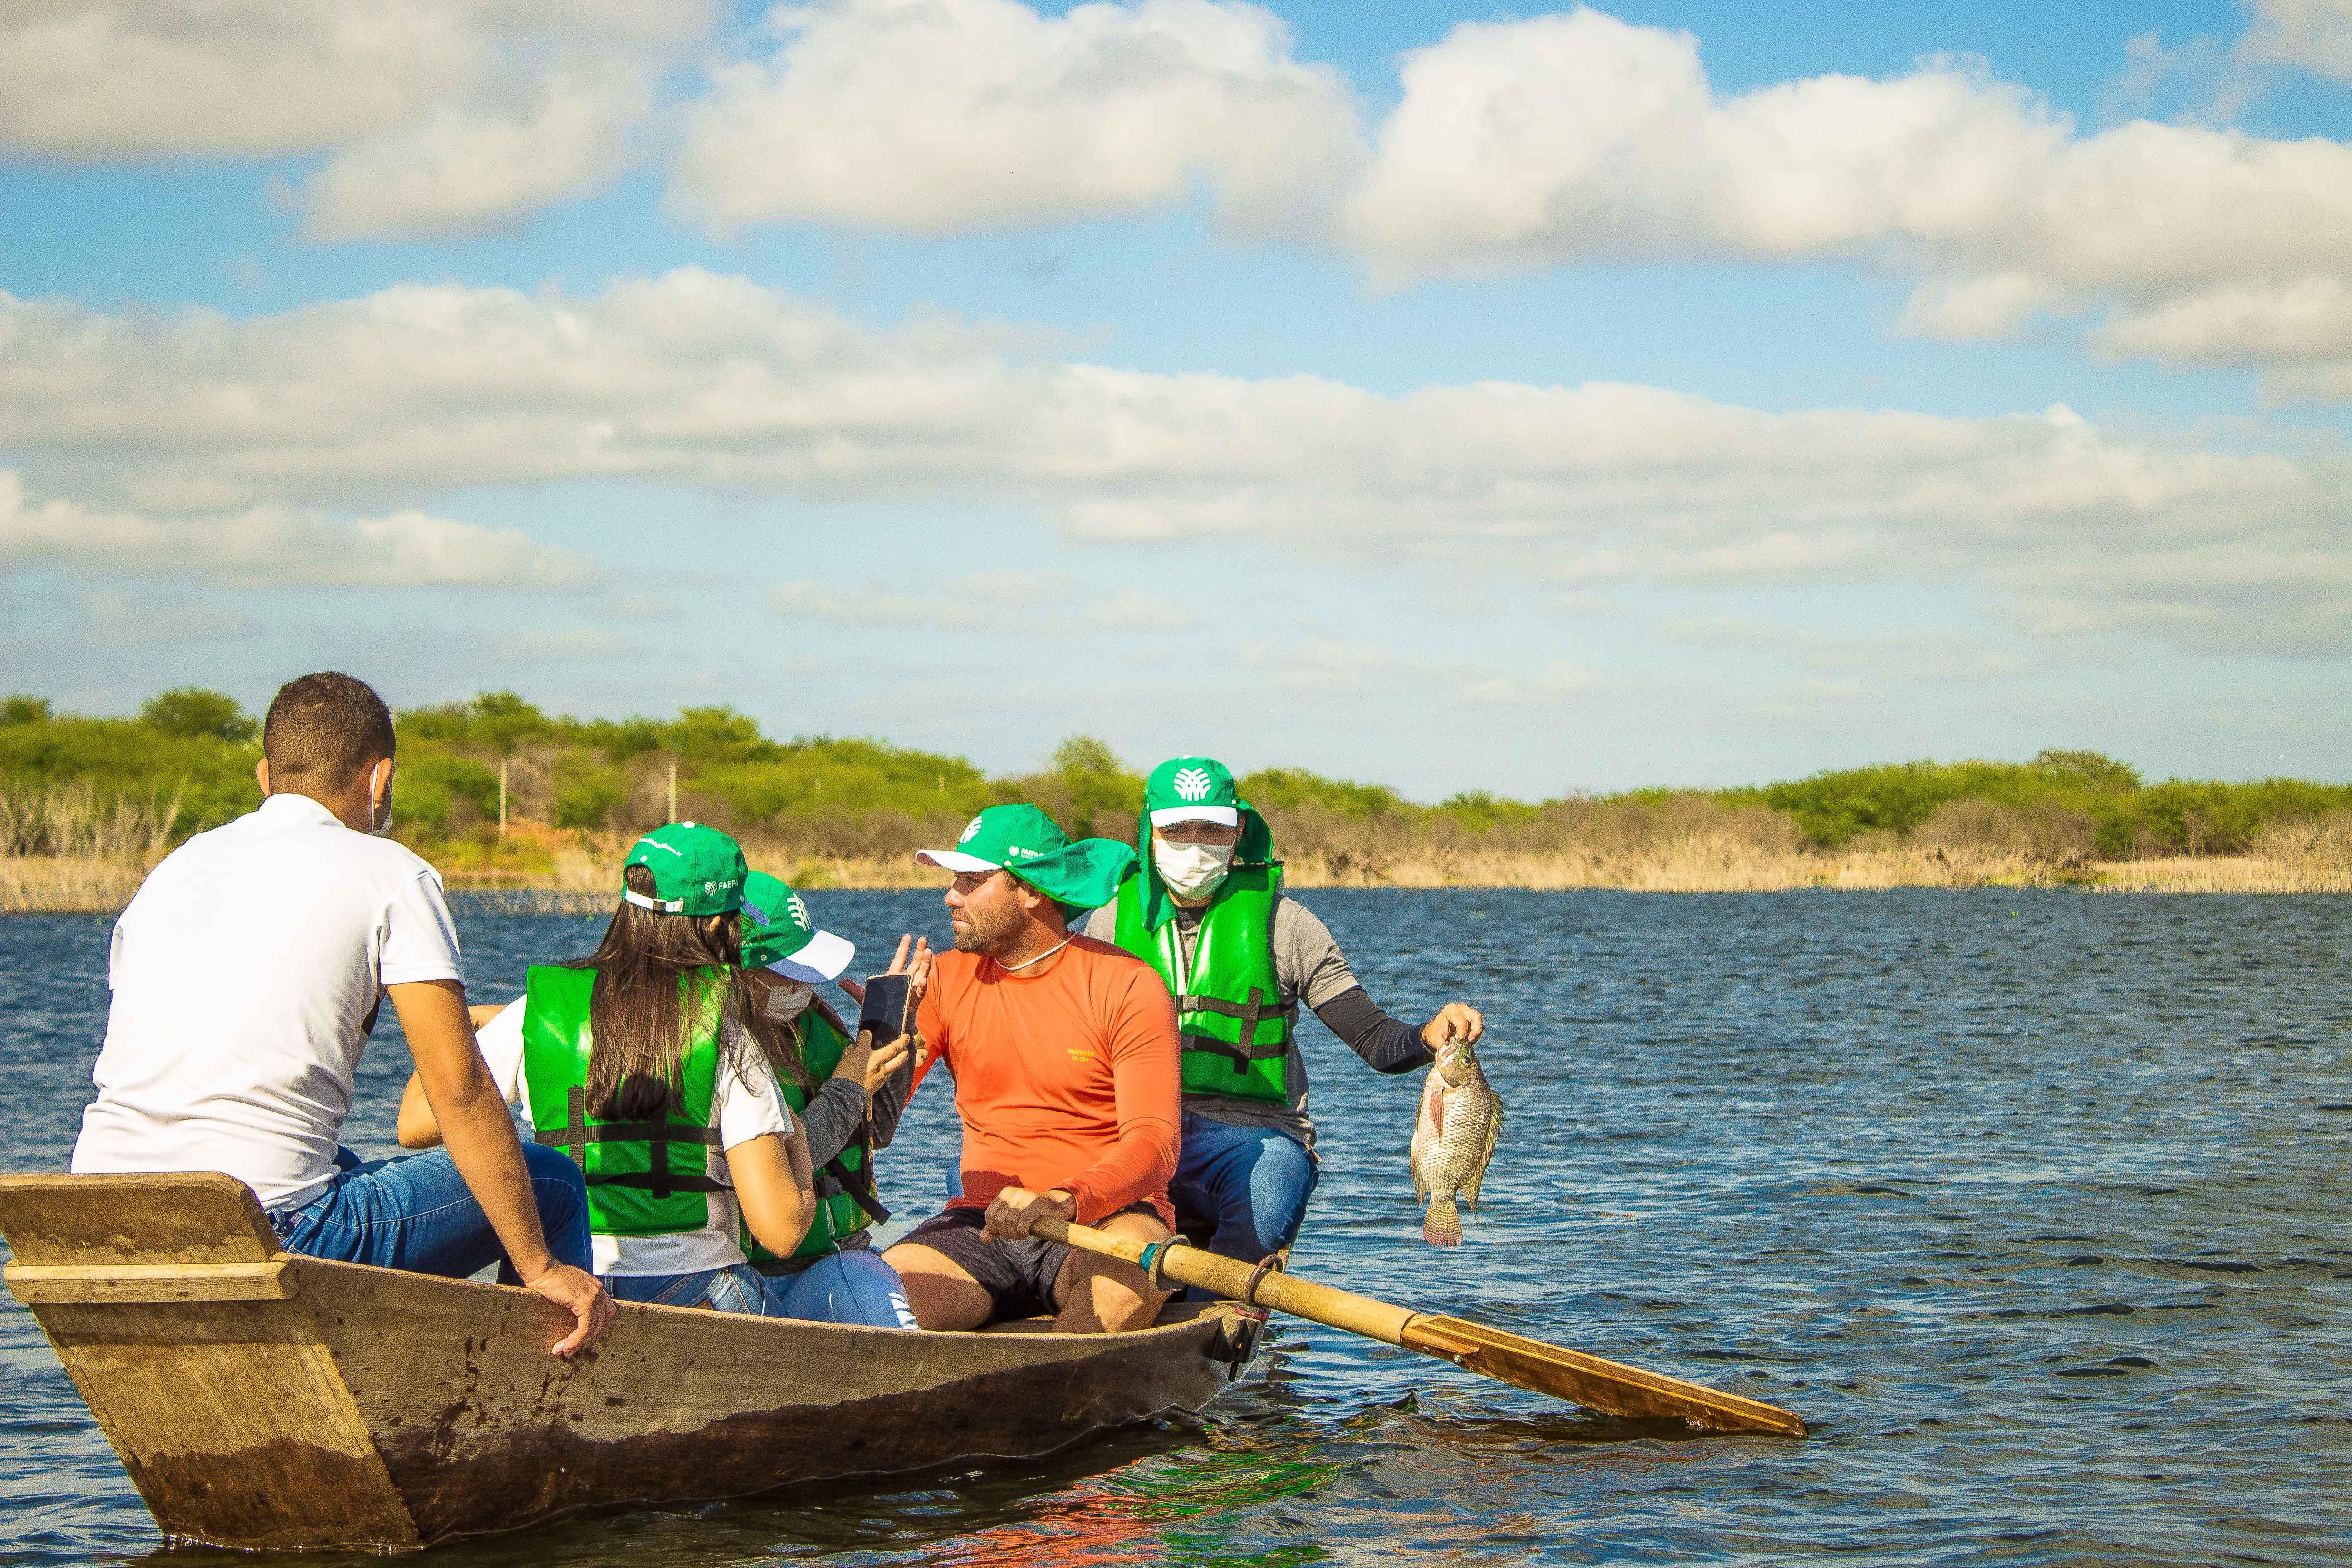 2021-09-17-e-19-curso-piscicultura-francisco-cesar-4583.jpg